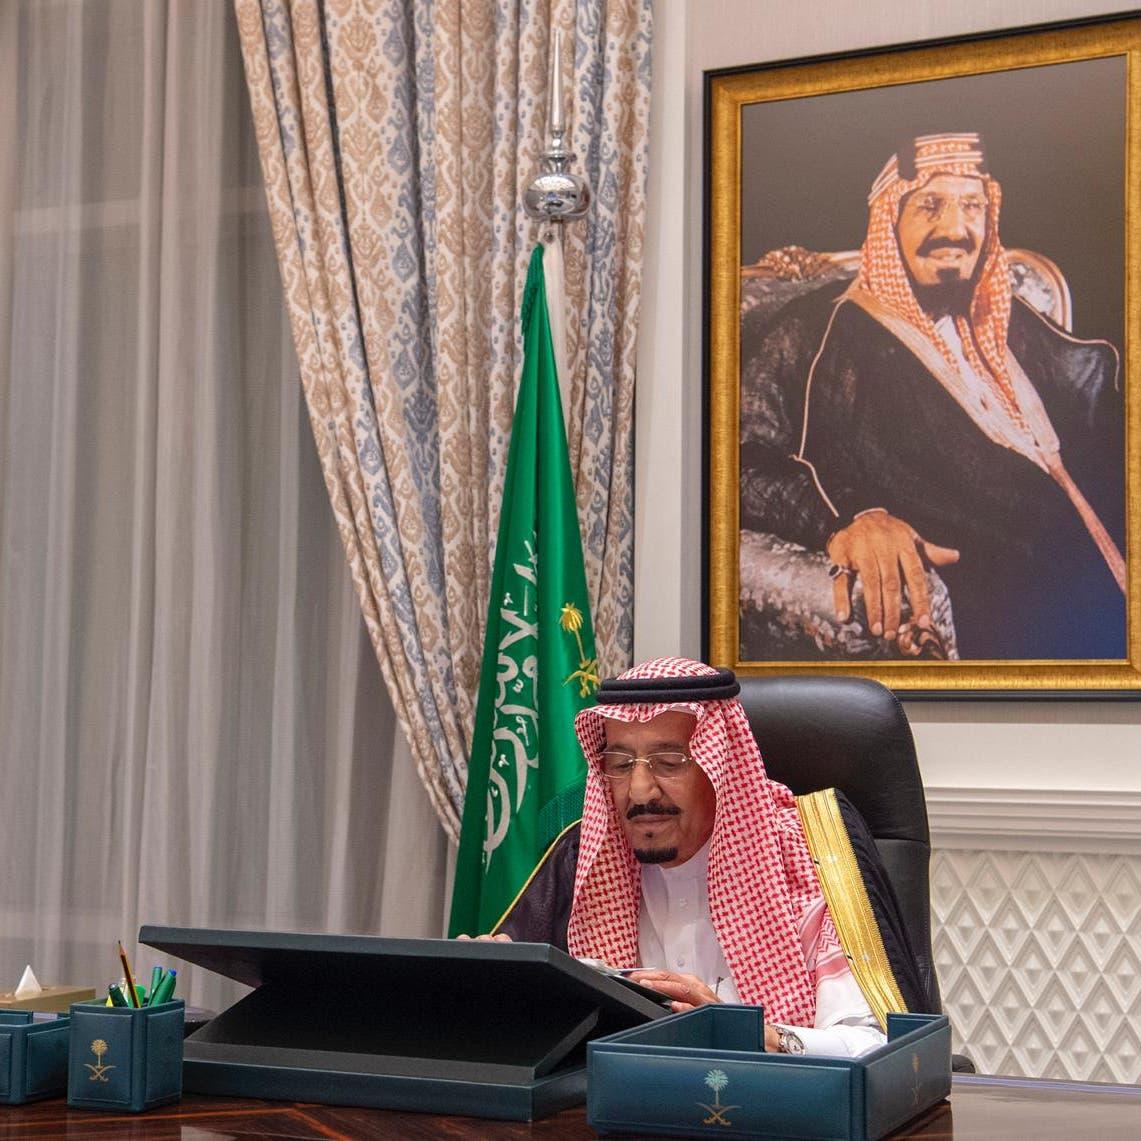 الملك سلمان يكلف أمين مجلس التعاون الخليجي بنقل الدعوات لحضور القمة المقبلة